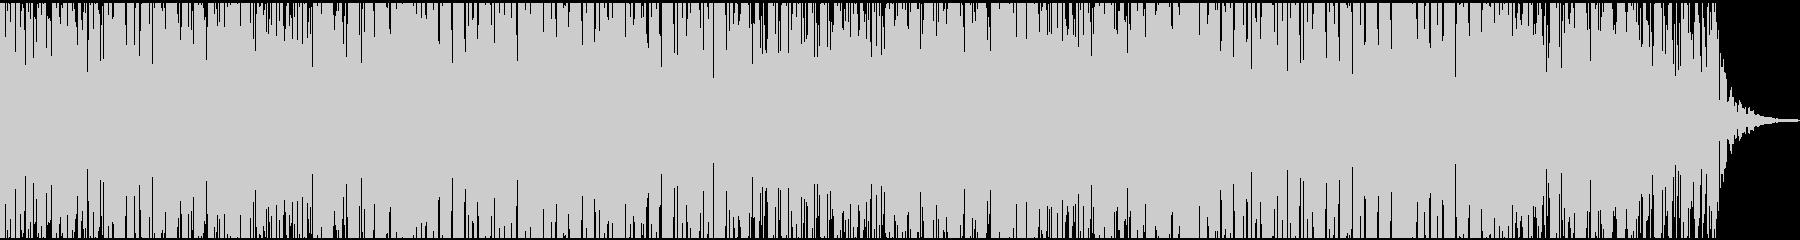 スペーシーで空気感のあるグルーヴィ...の未再生の波形